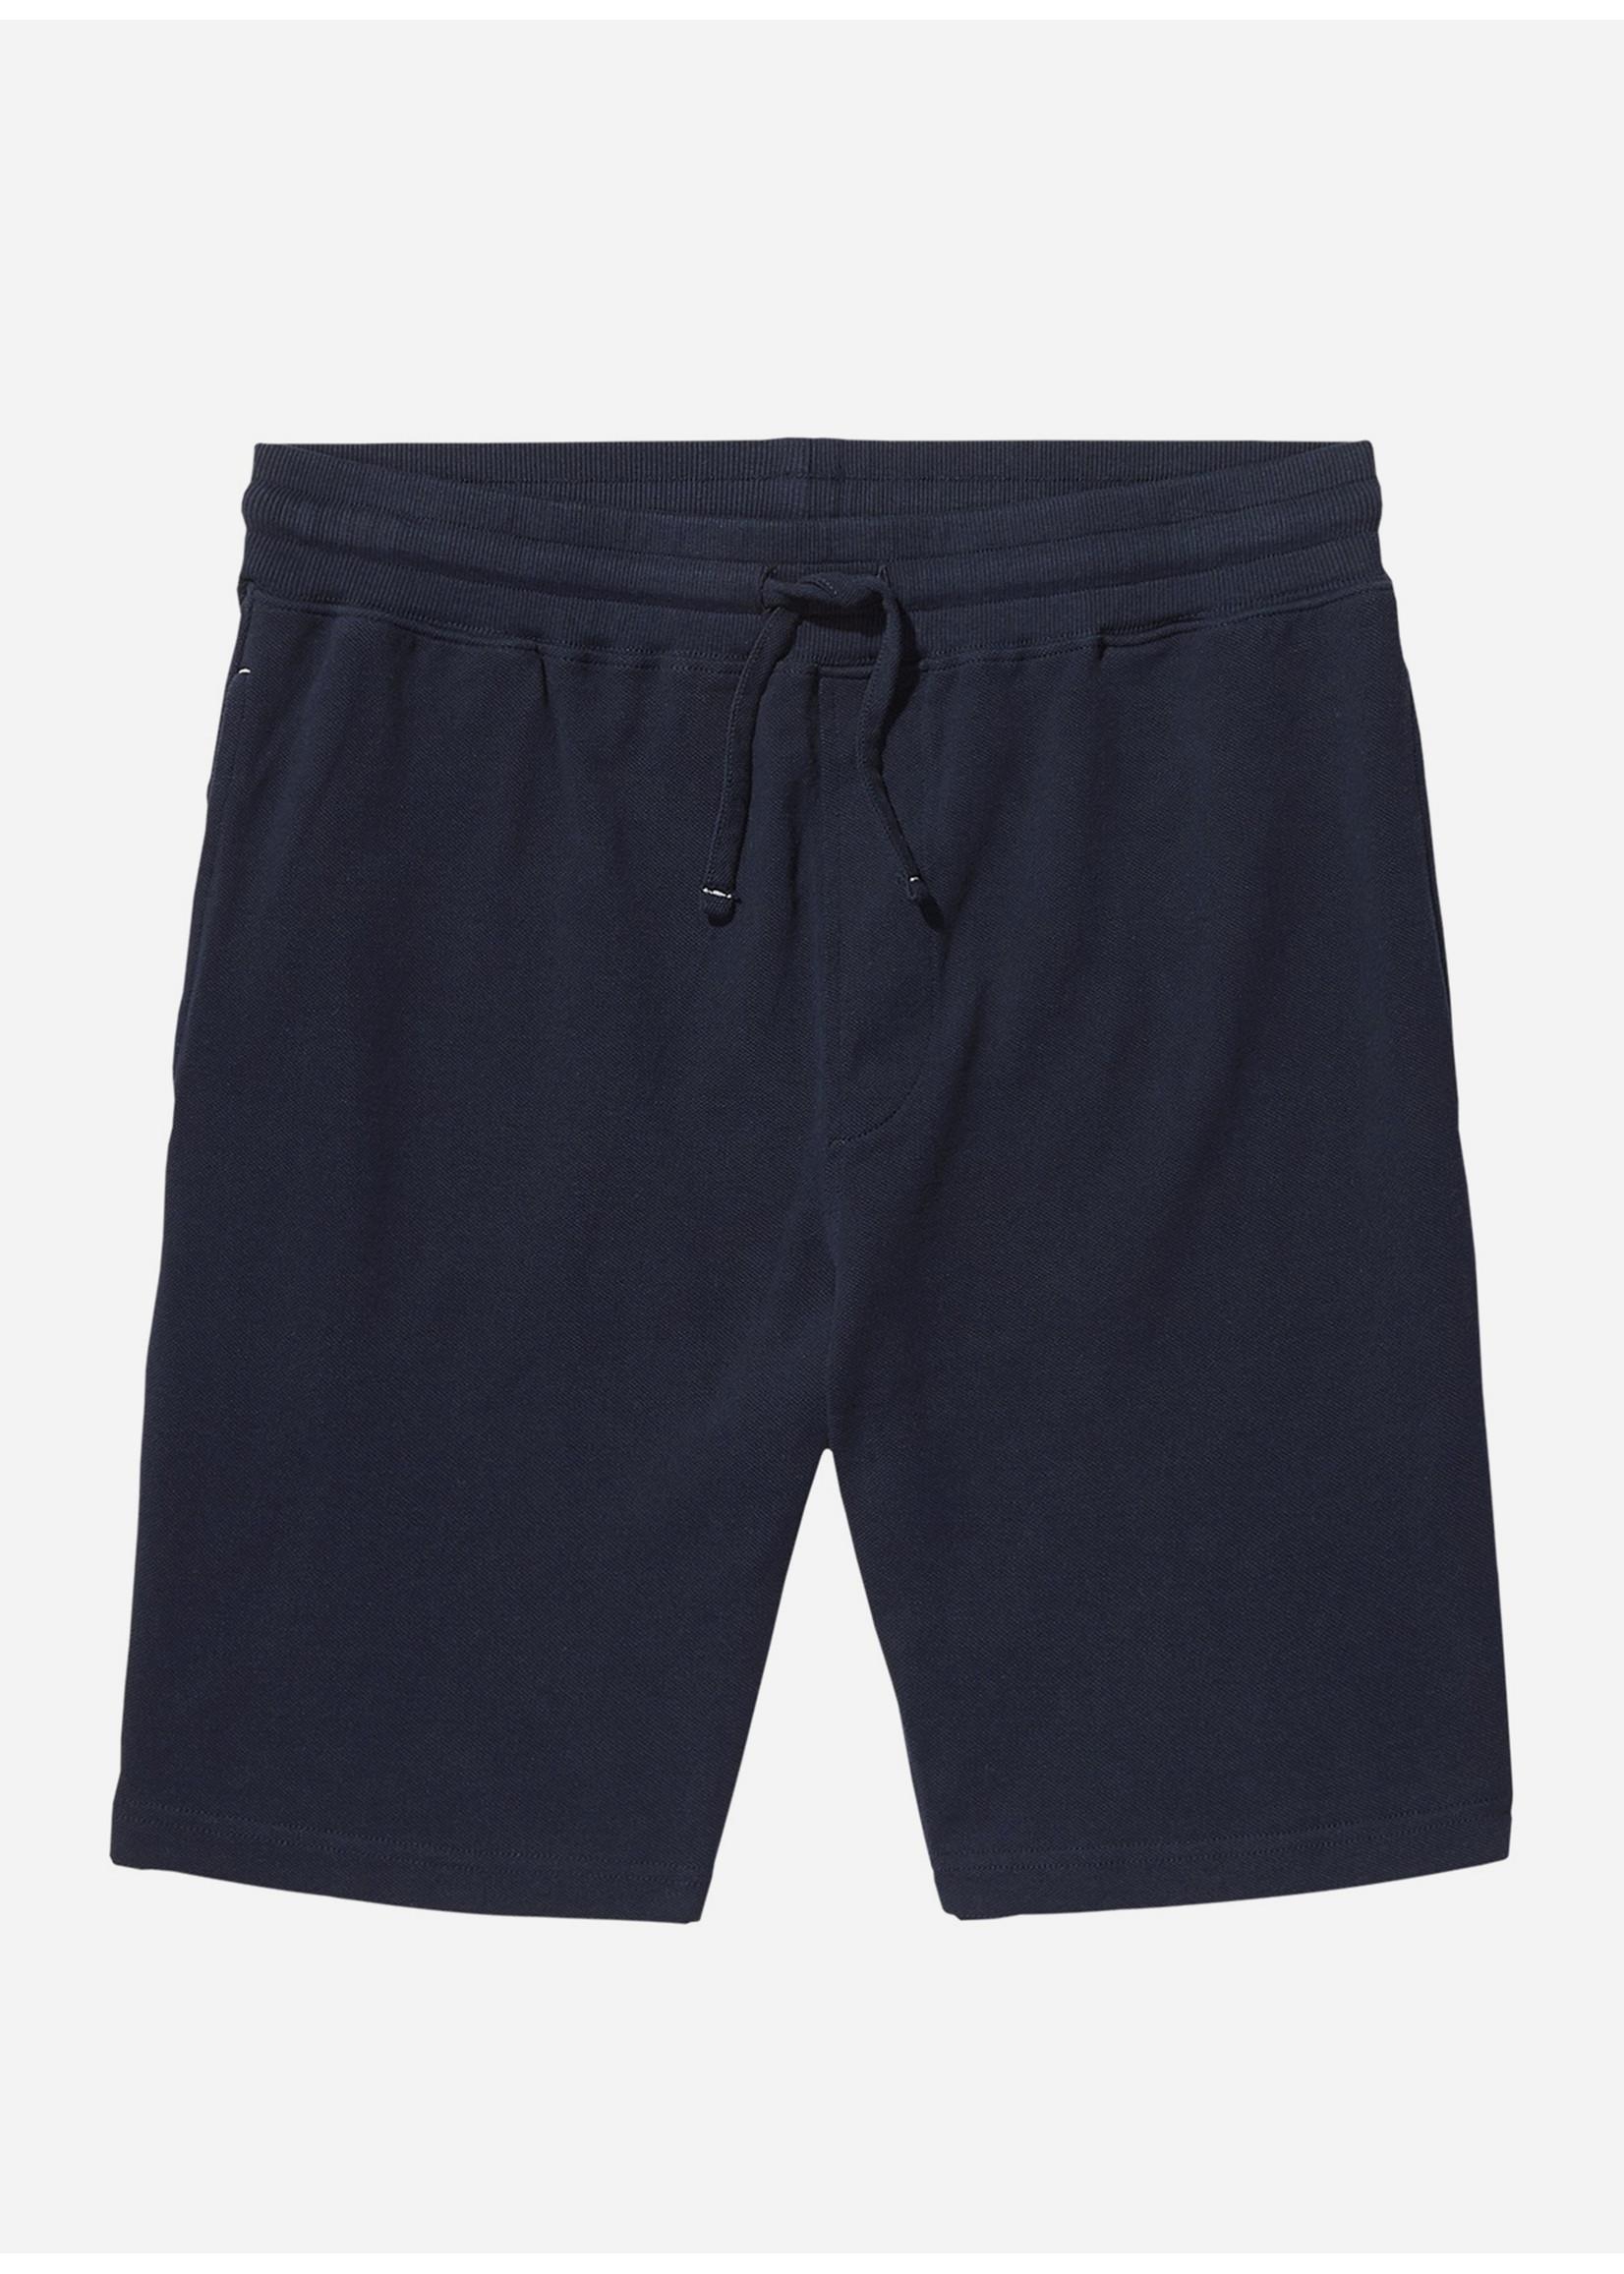 Wahts Key pique shorts  navy blue